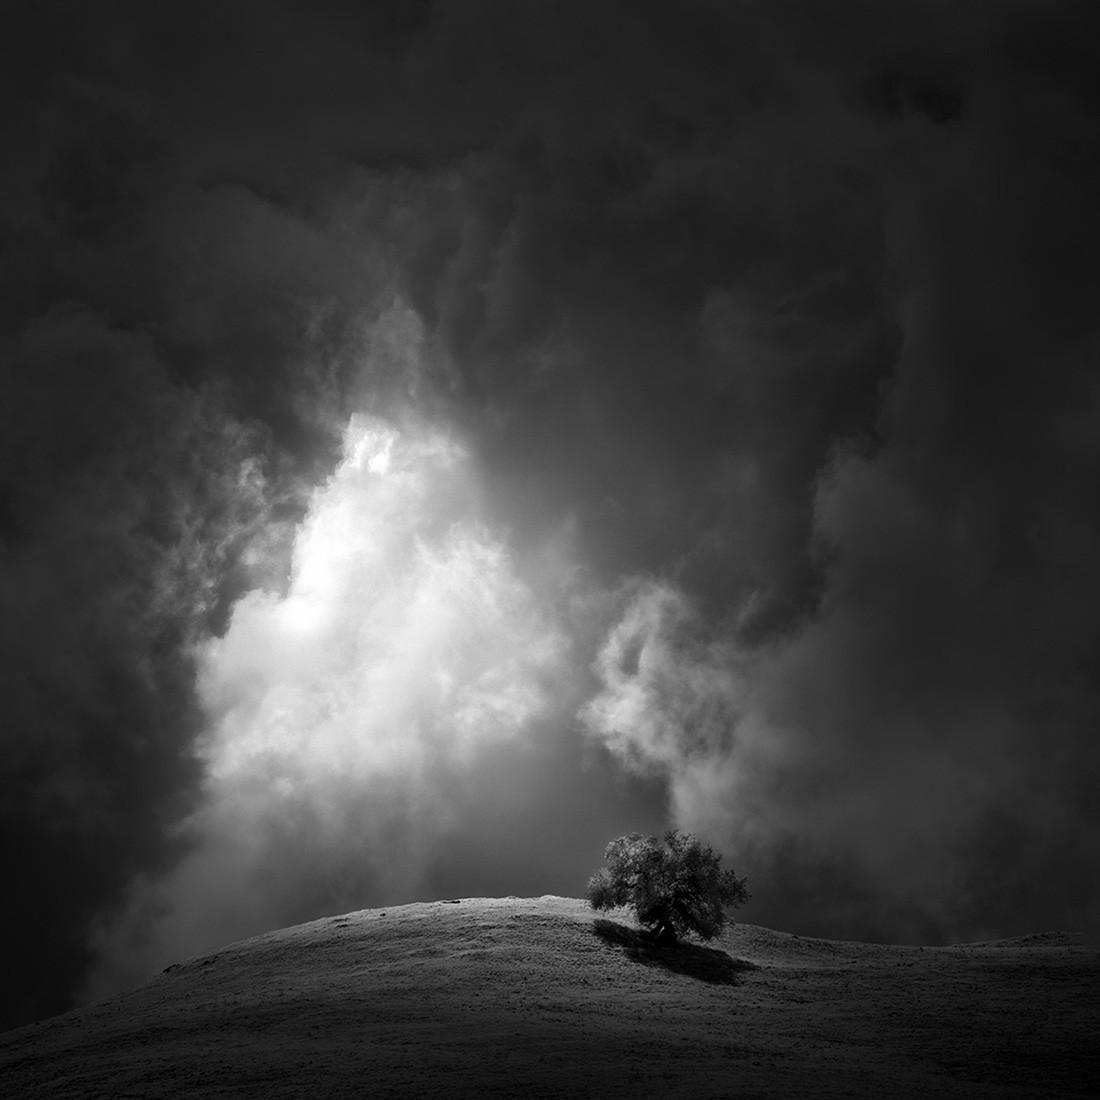 Дерево и свет сквозь облака. Фотограф Натан Вирт